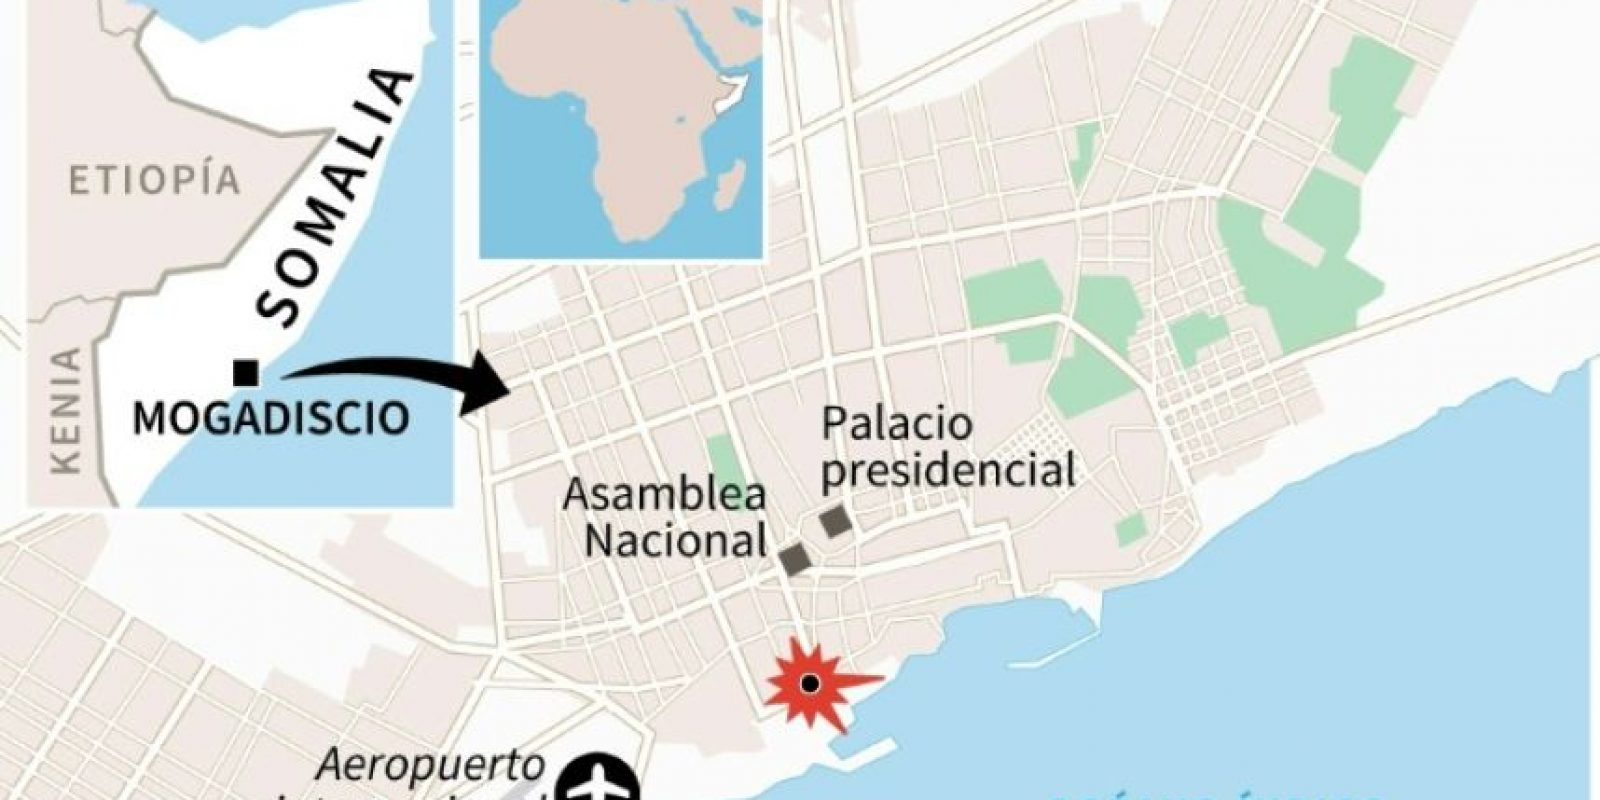 Mapa de localización de Mogadiscio, donde al menos 20 personas murieron el domingo en un atentado suicida con un camión bomba Foto:Jonathan JACOBSEN/afp.com